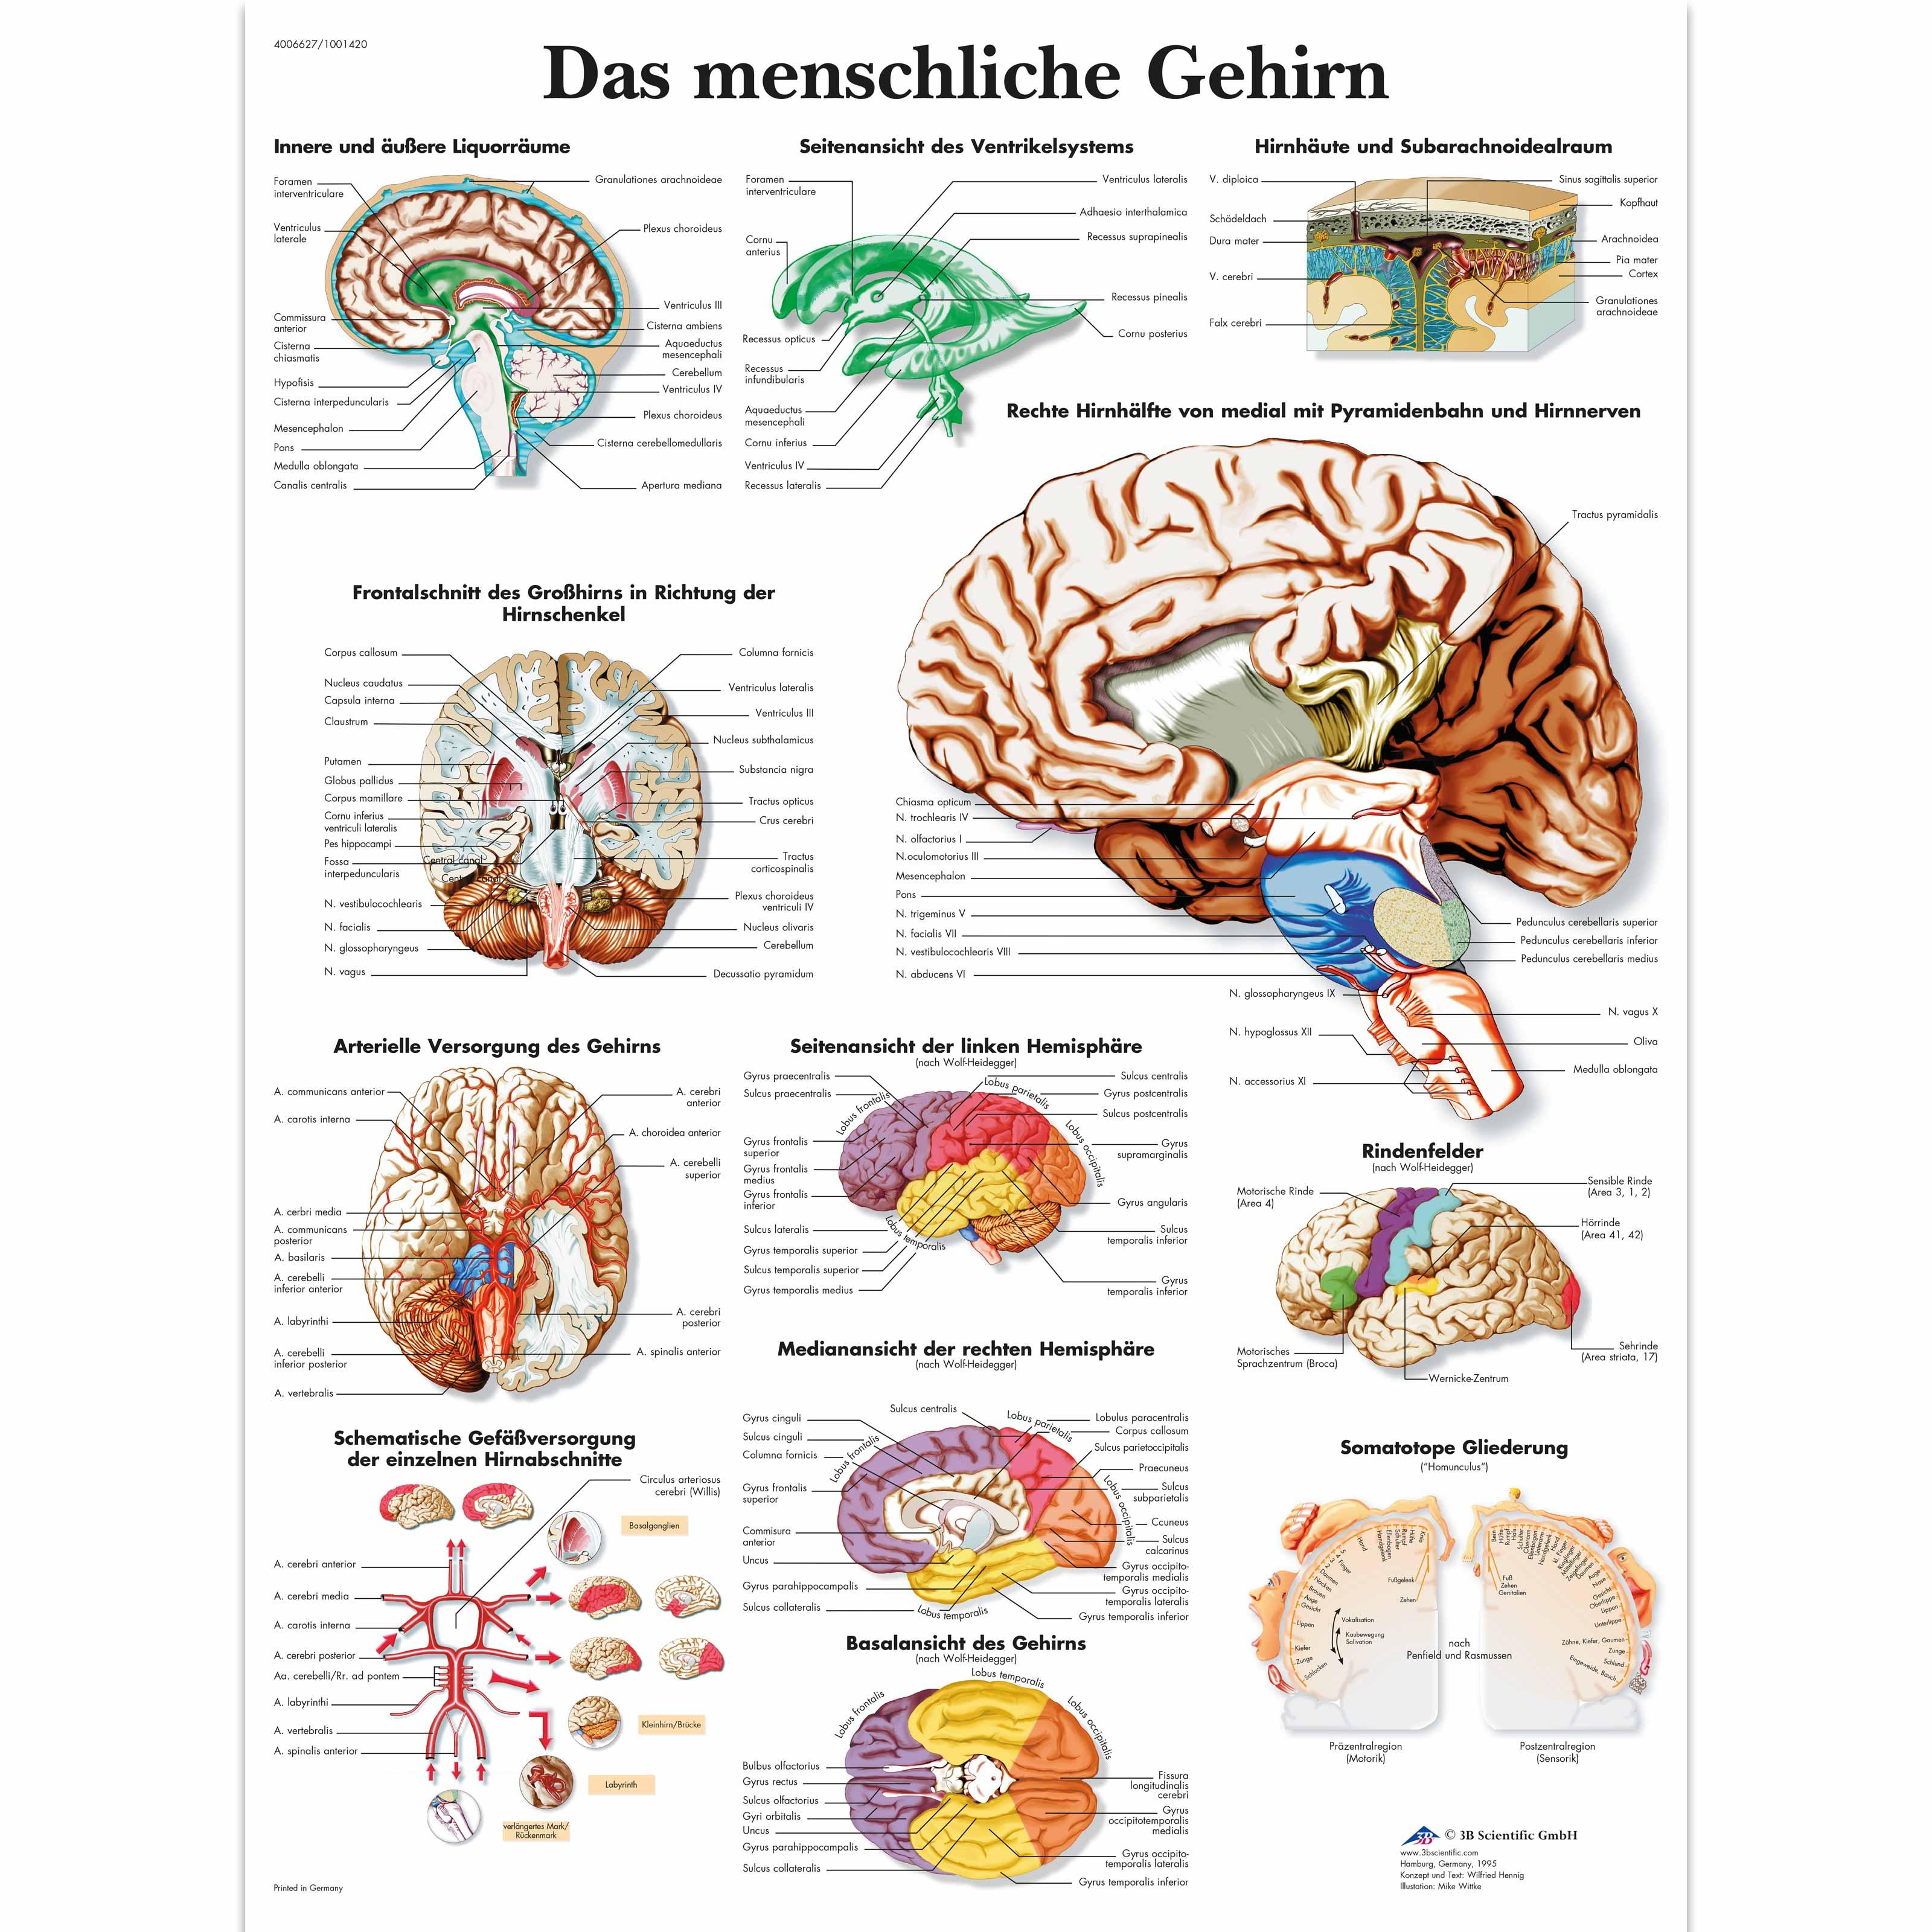 Lehrtafel - Das menschliche Gehirn - 4006627 - VR0615UU - Gehirn und ...